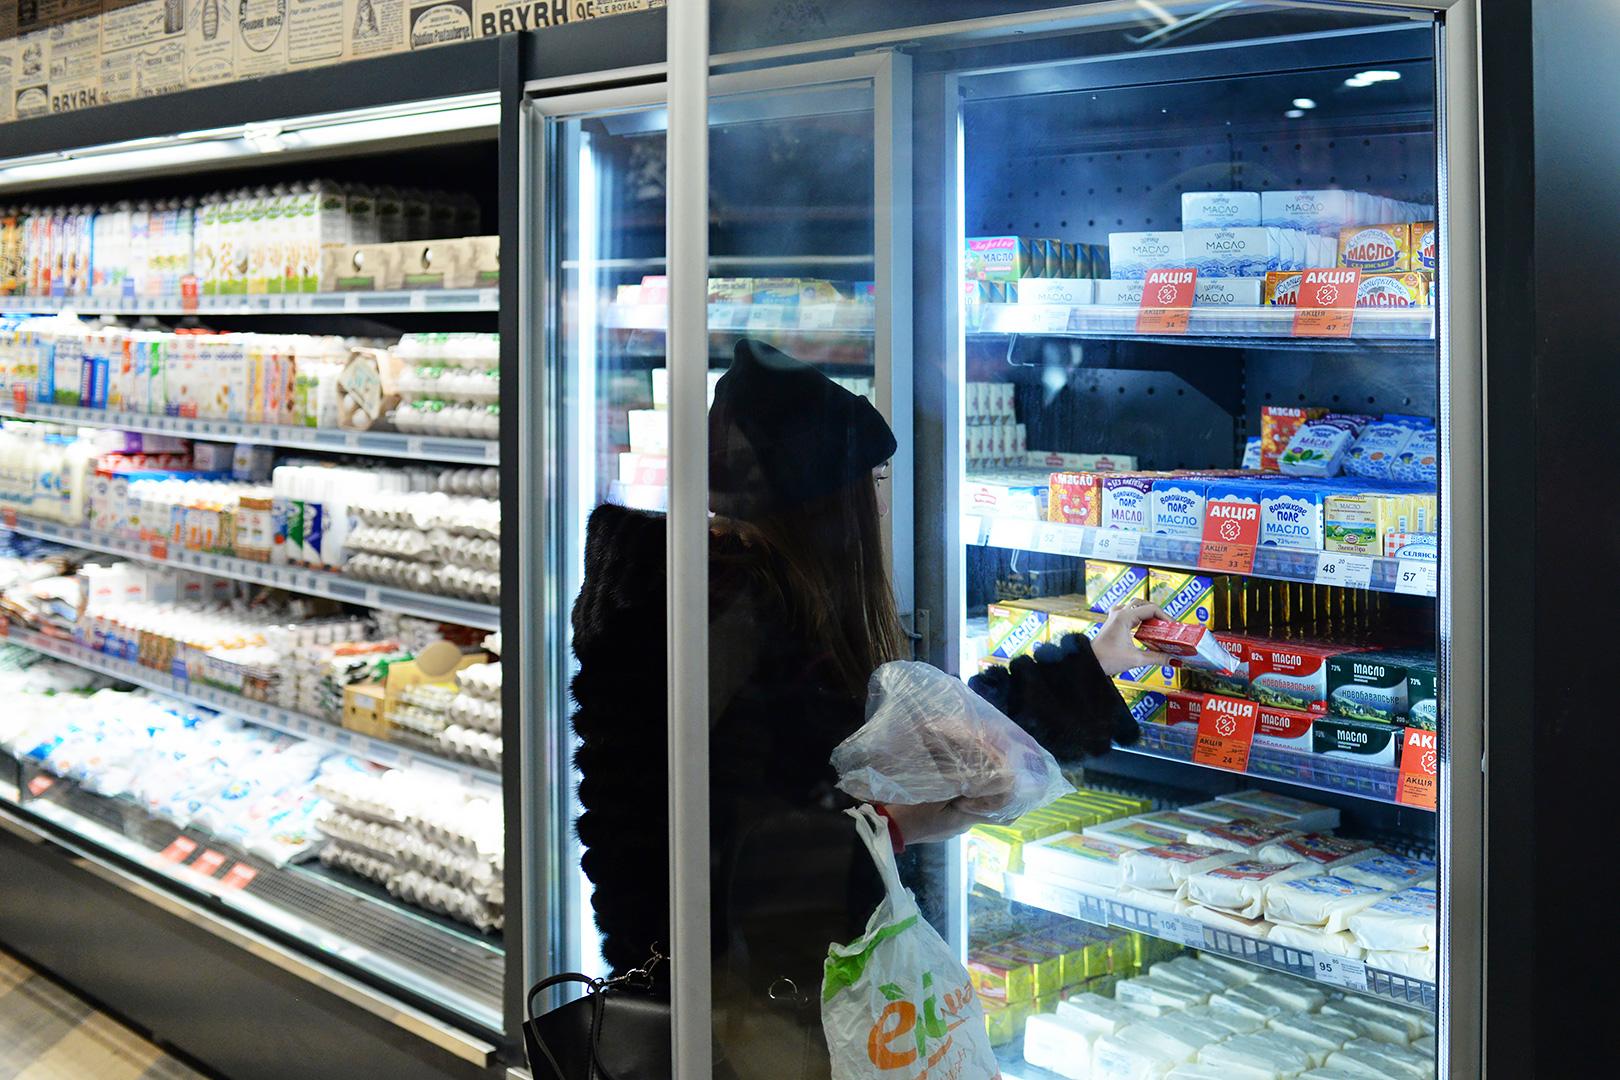 Пристінні вітрини Indiana medium AV 085 MT O 210-DLM, вітрина для заморожених продуктів Indiana medium AV 085 LT D 210-DLA